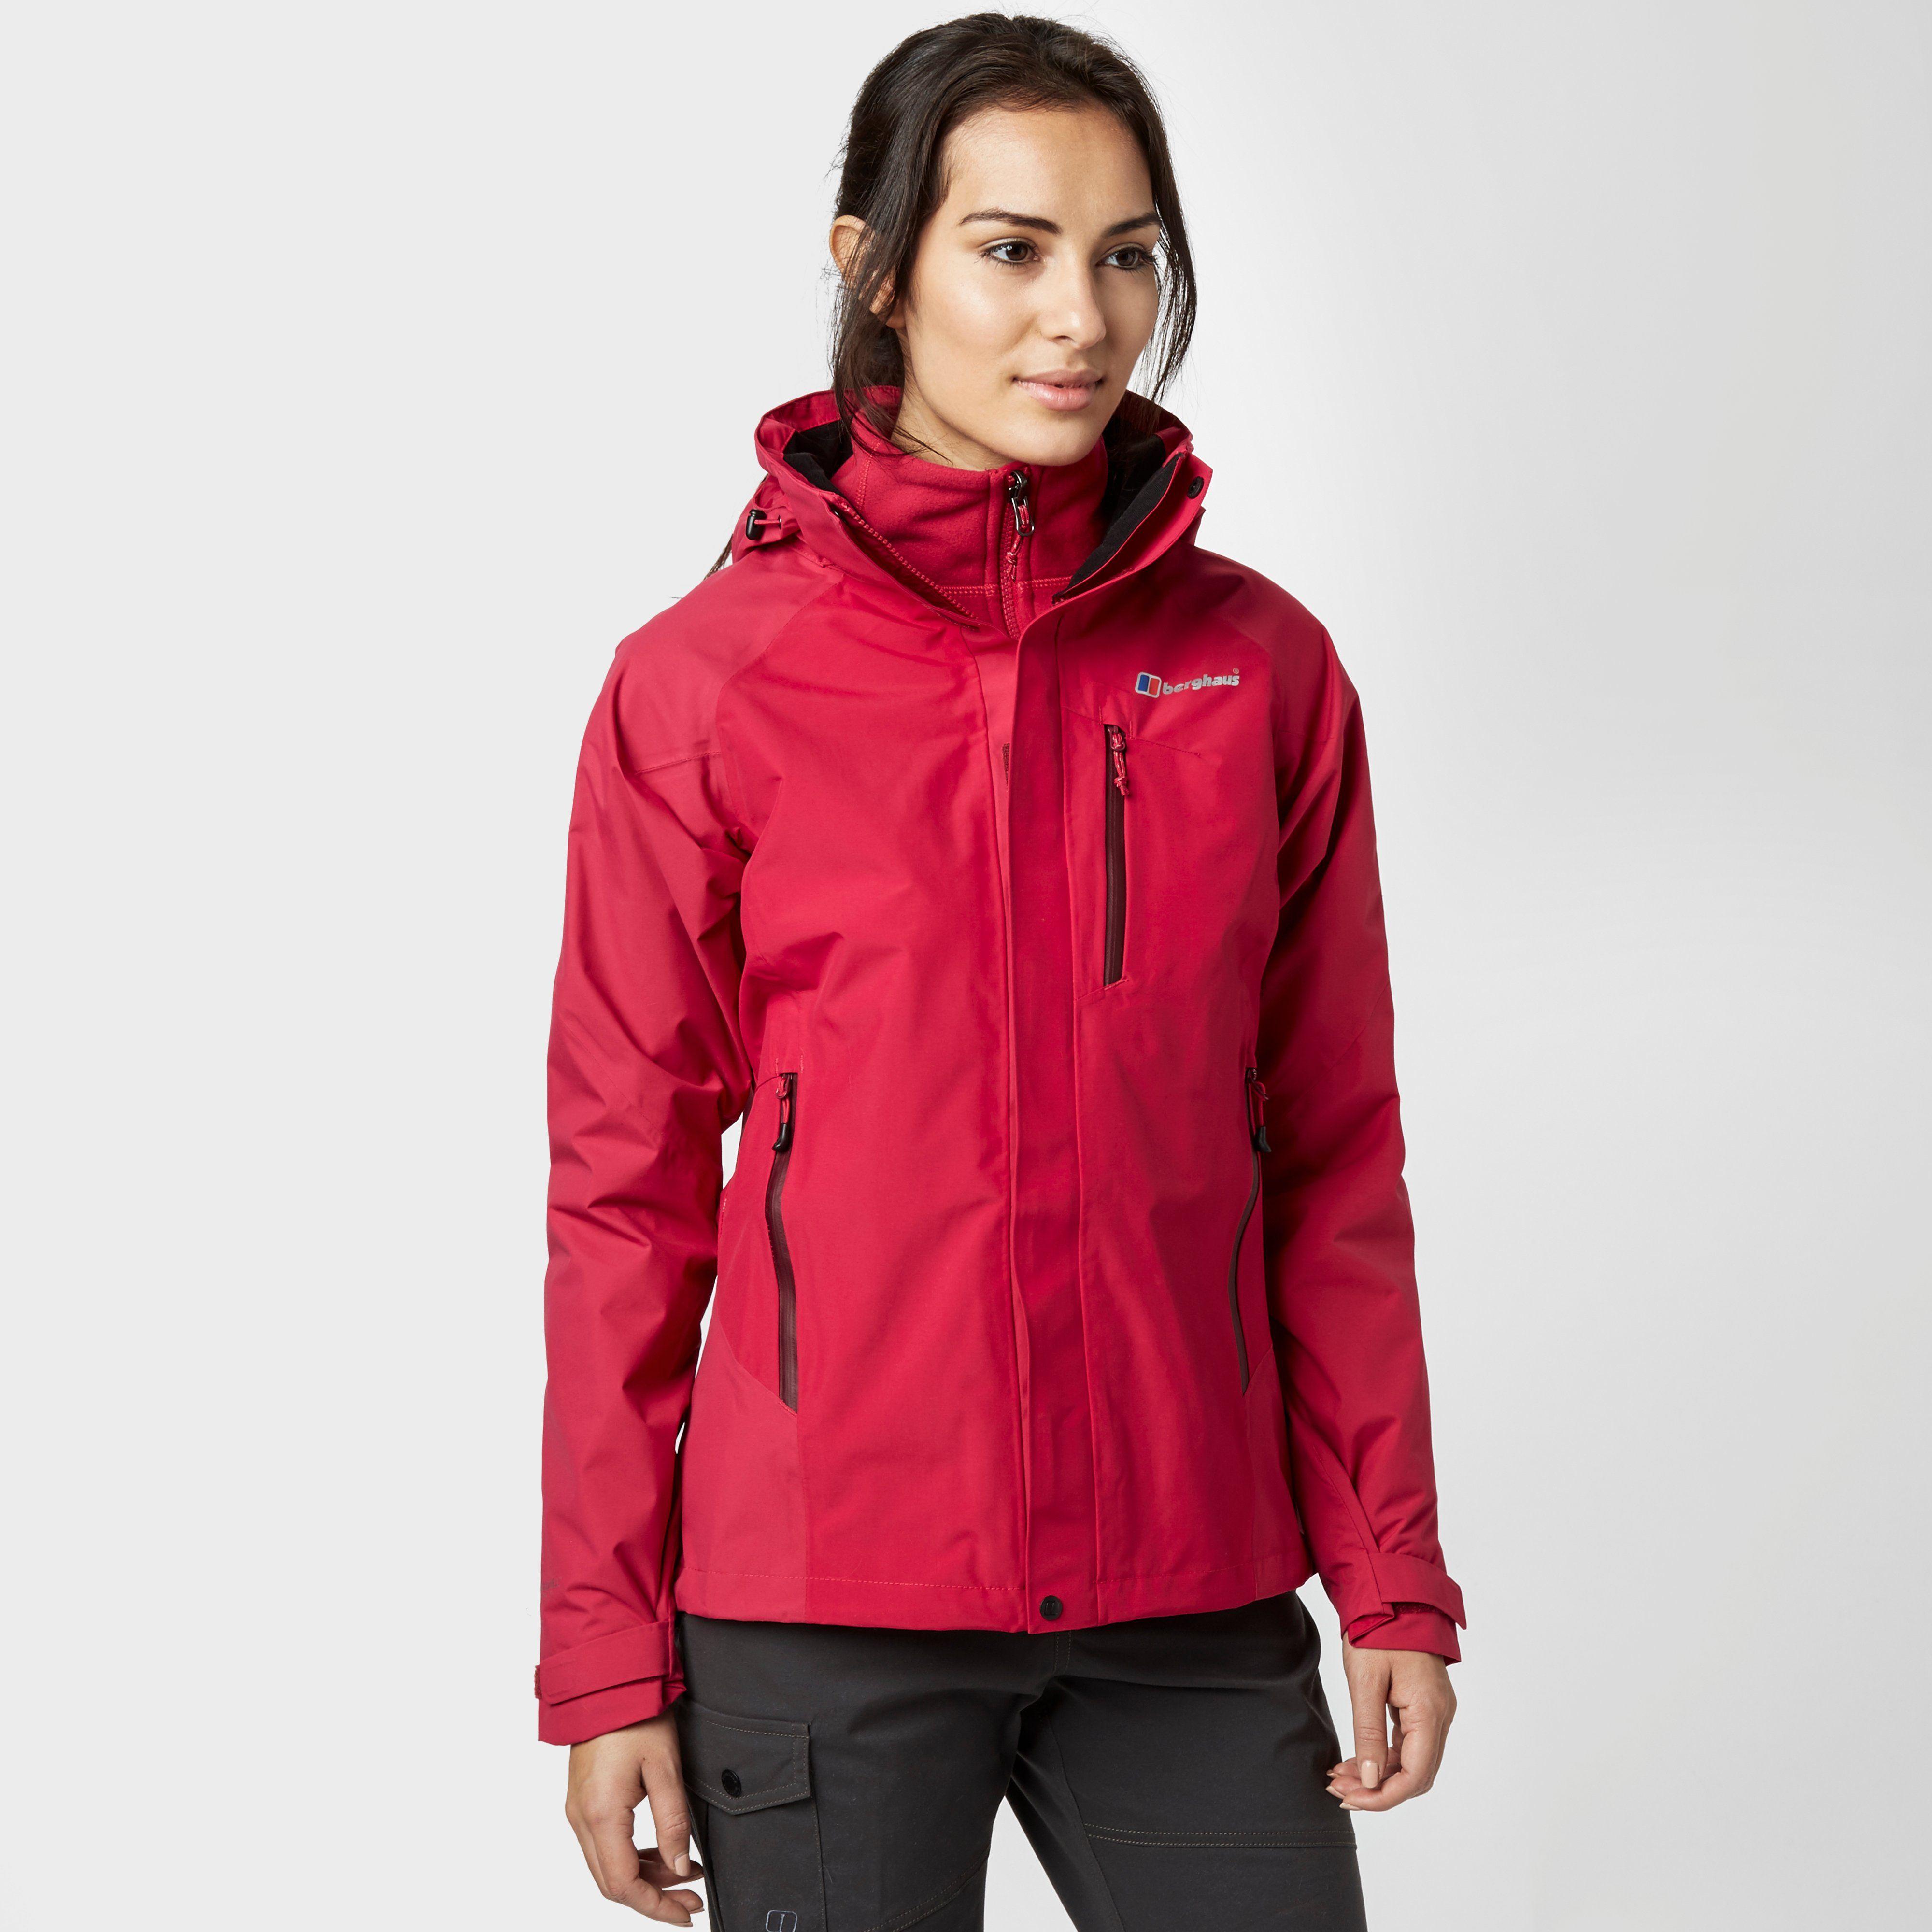 BERGHAUS Women's Skye Hydroshell™ Jacket